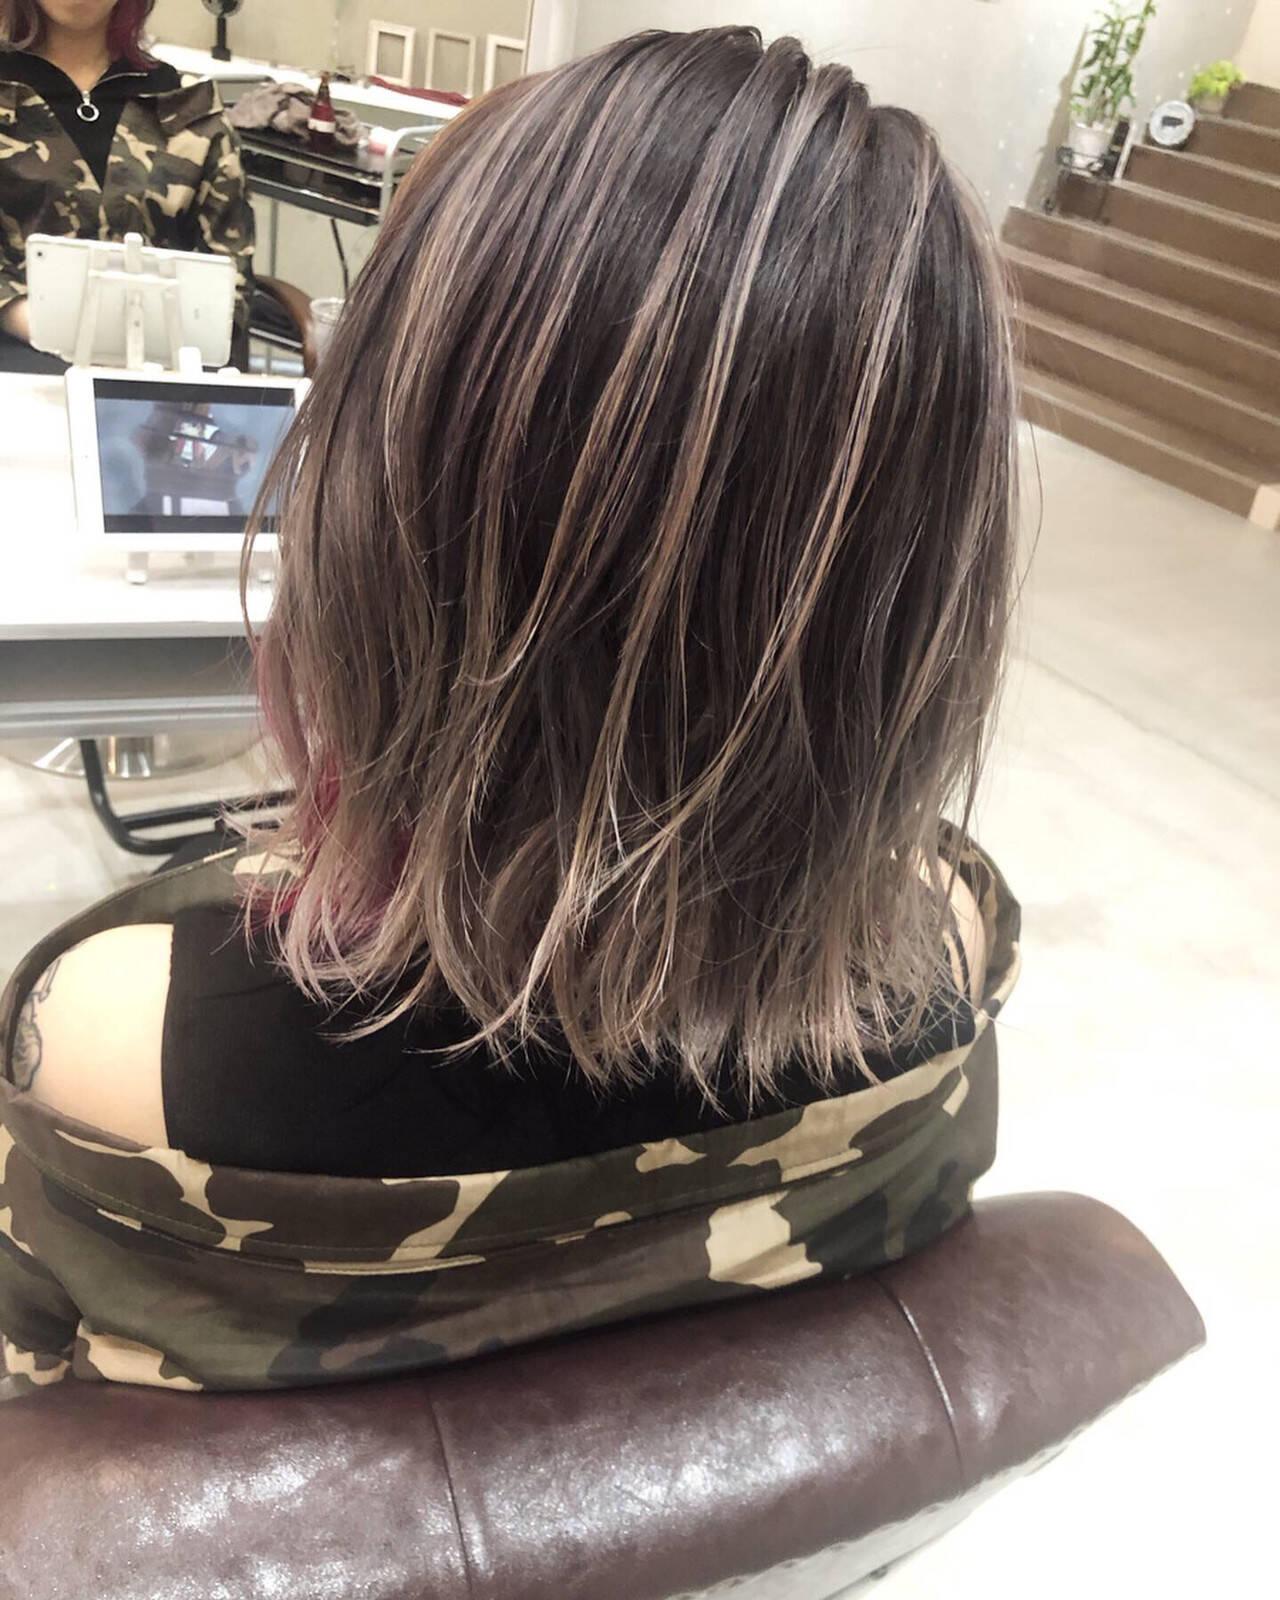 ミディアム インナーカラーパープル バレイヤージュ ハイライトヘアスタイルや髪型の写真・画像